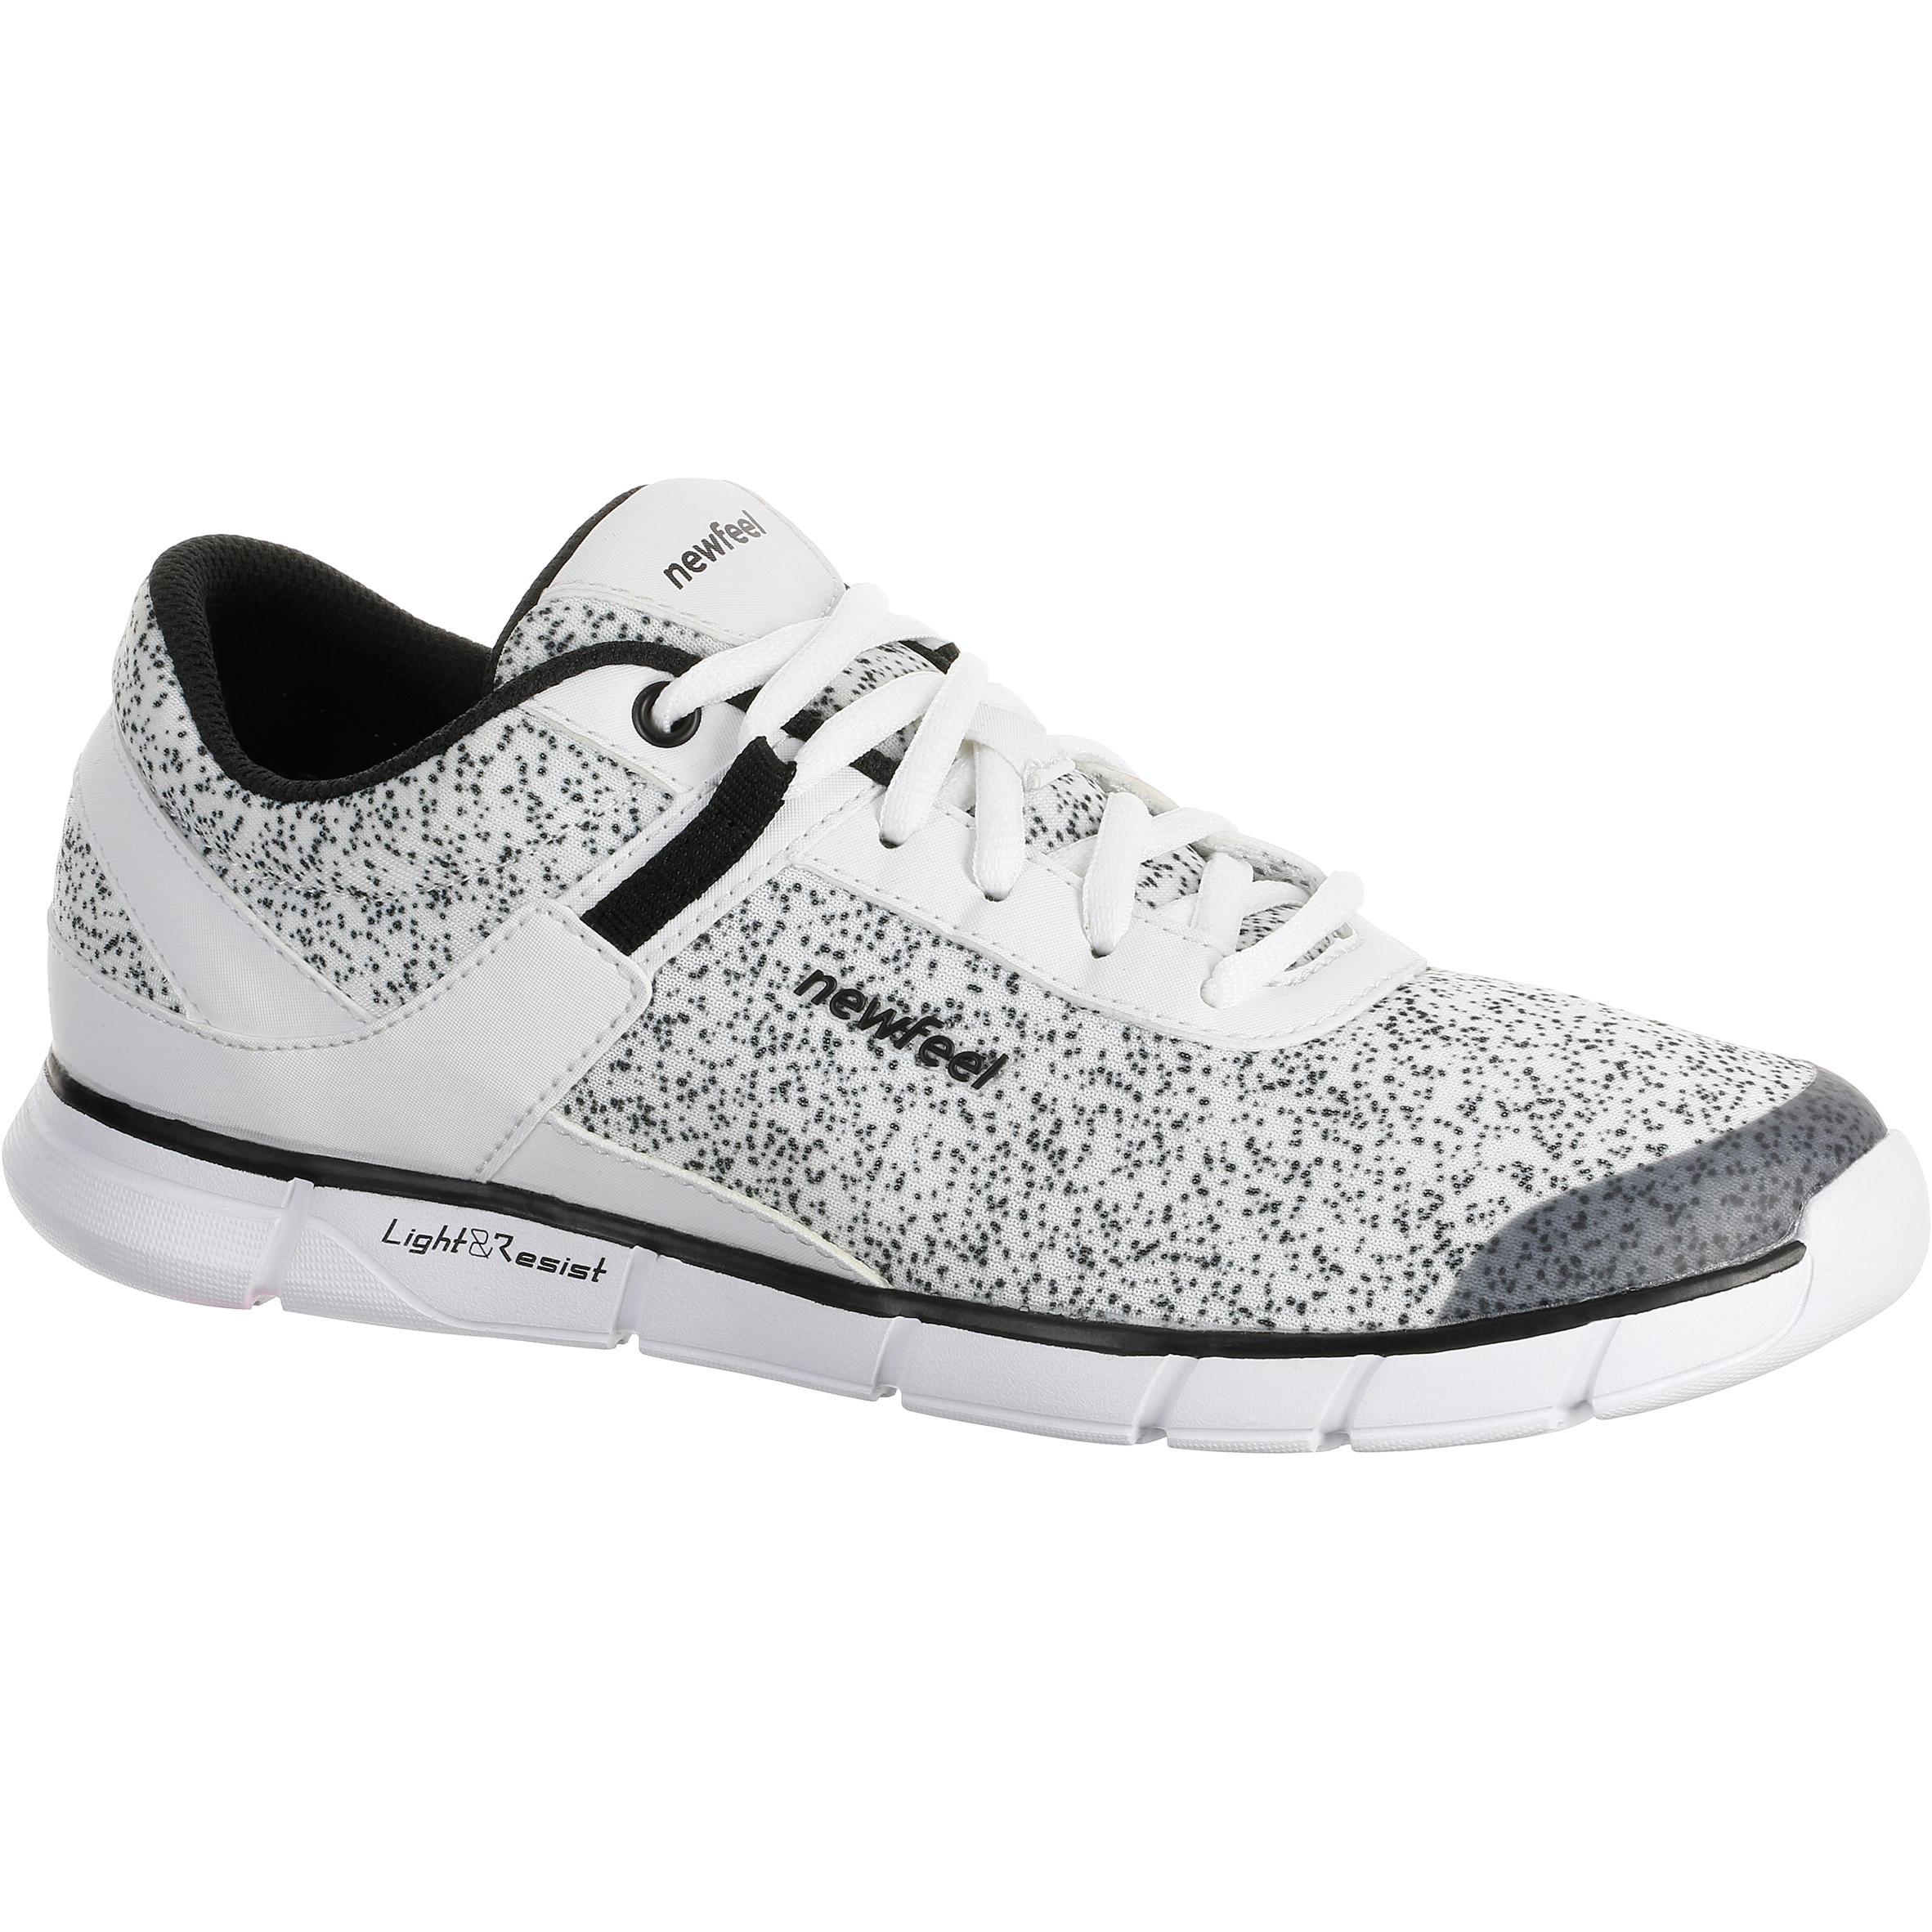 72dac174 Comprar Zapatillas de Andar para Mujer | Decathlon